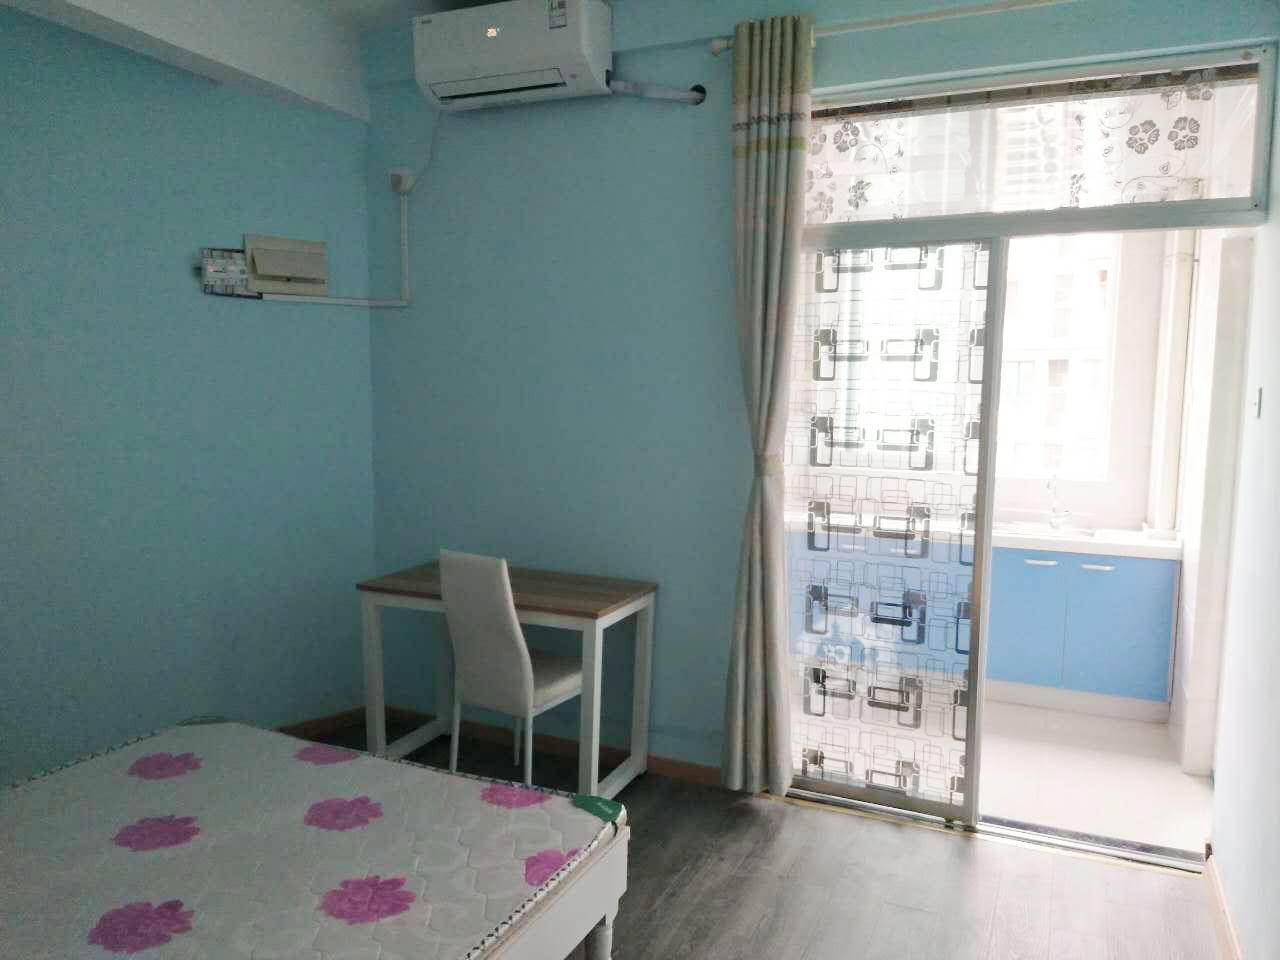 【合租】柏林春天7室1厅RoomB